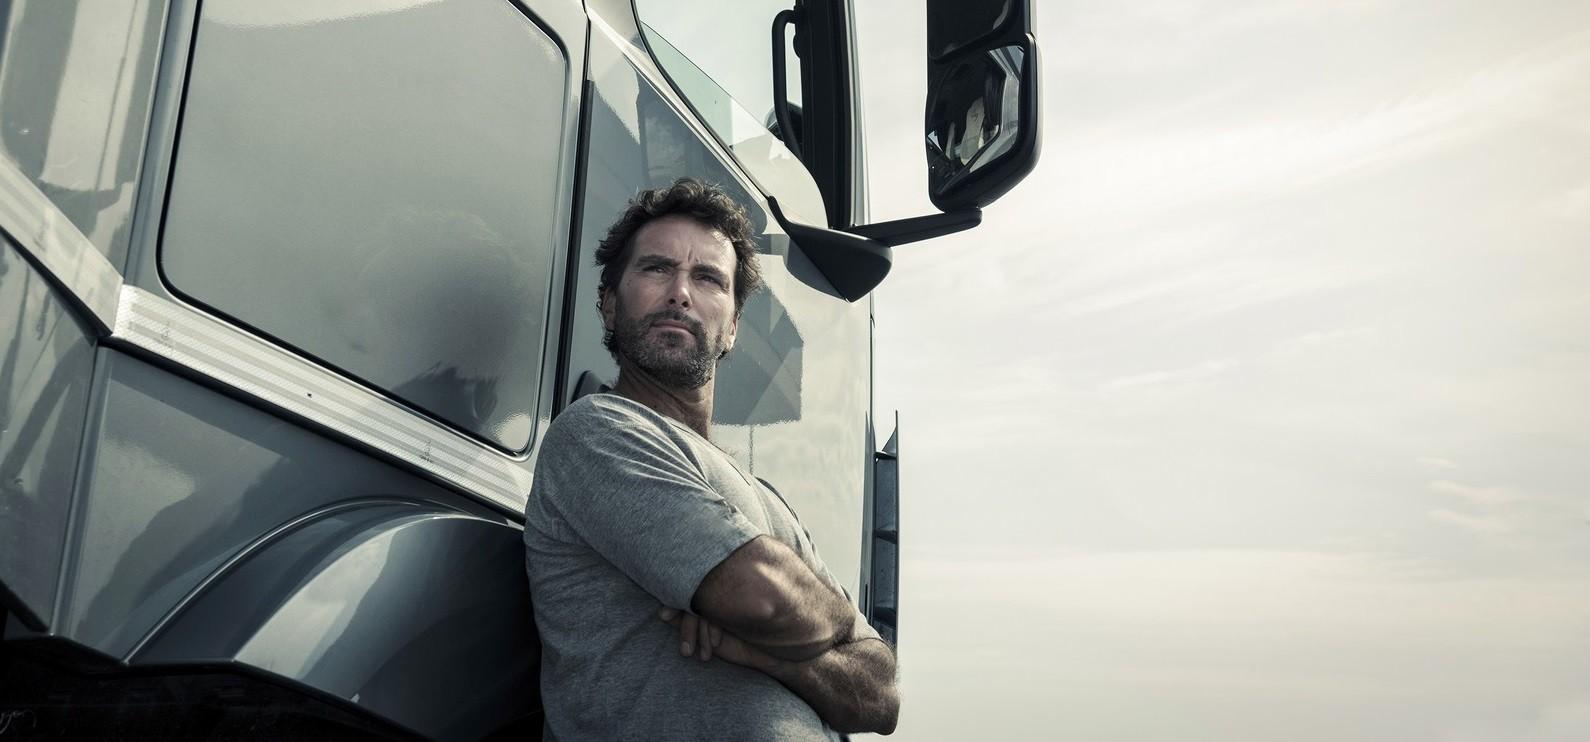 wisconsin-truck-driver-jobs-111